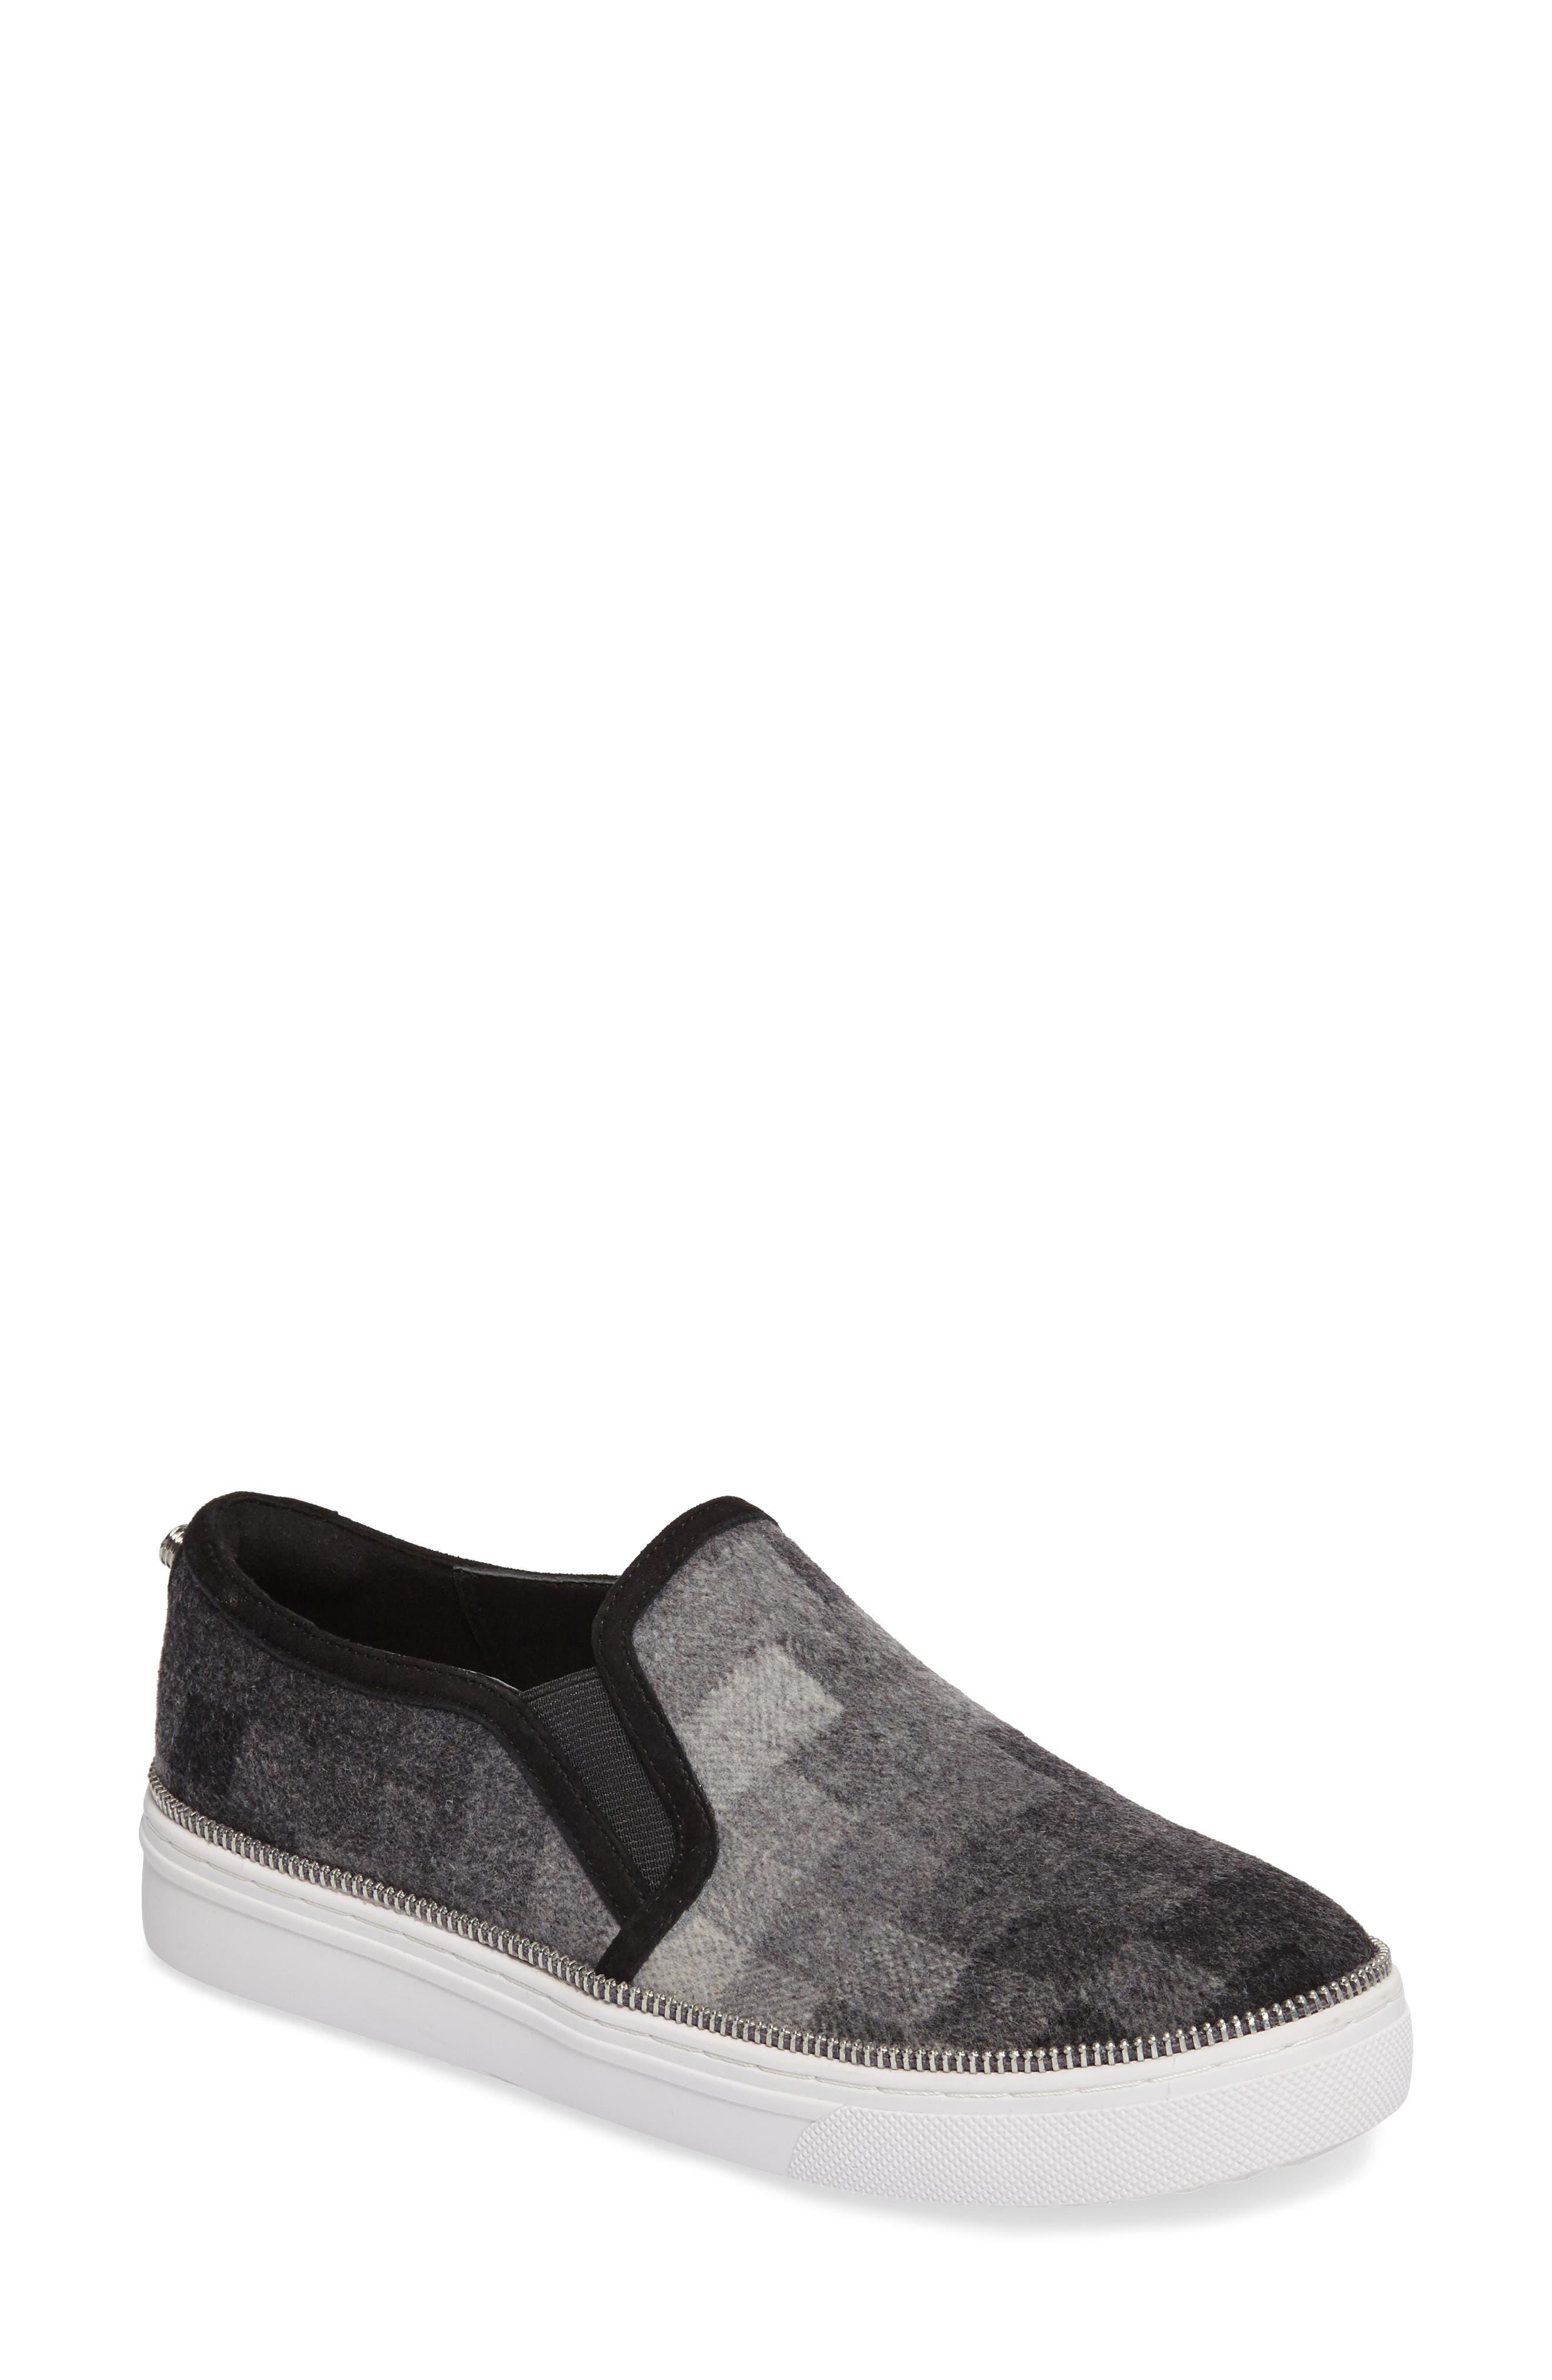 Alternate Image 1 Selected - Botkier Harper Slip-On Sneaker (Women)